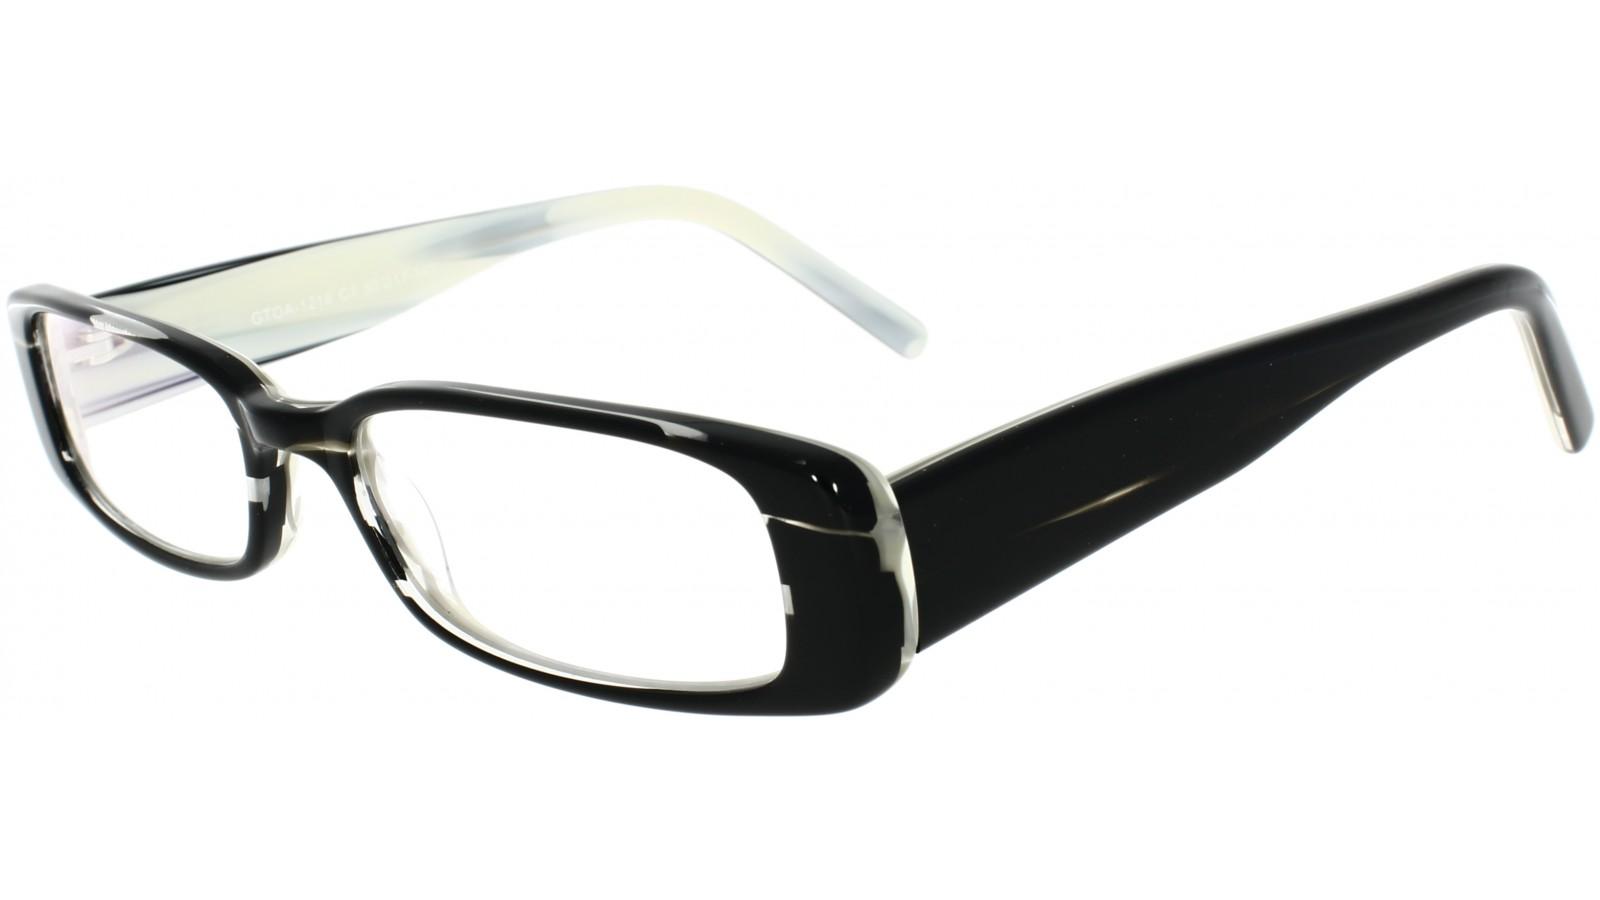 Gemusterte Damenbrille aus Kunststoff in Schwarz-Weiß